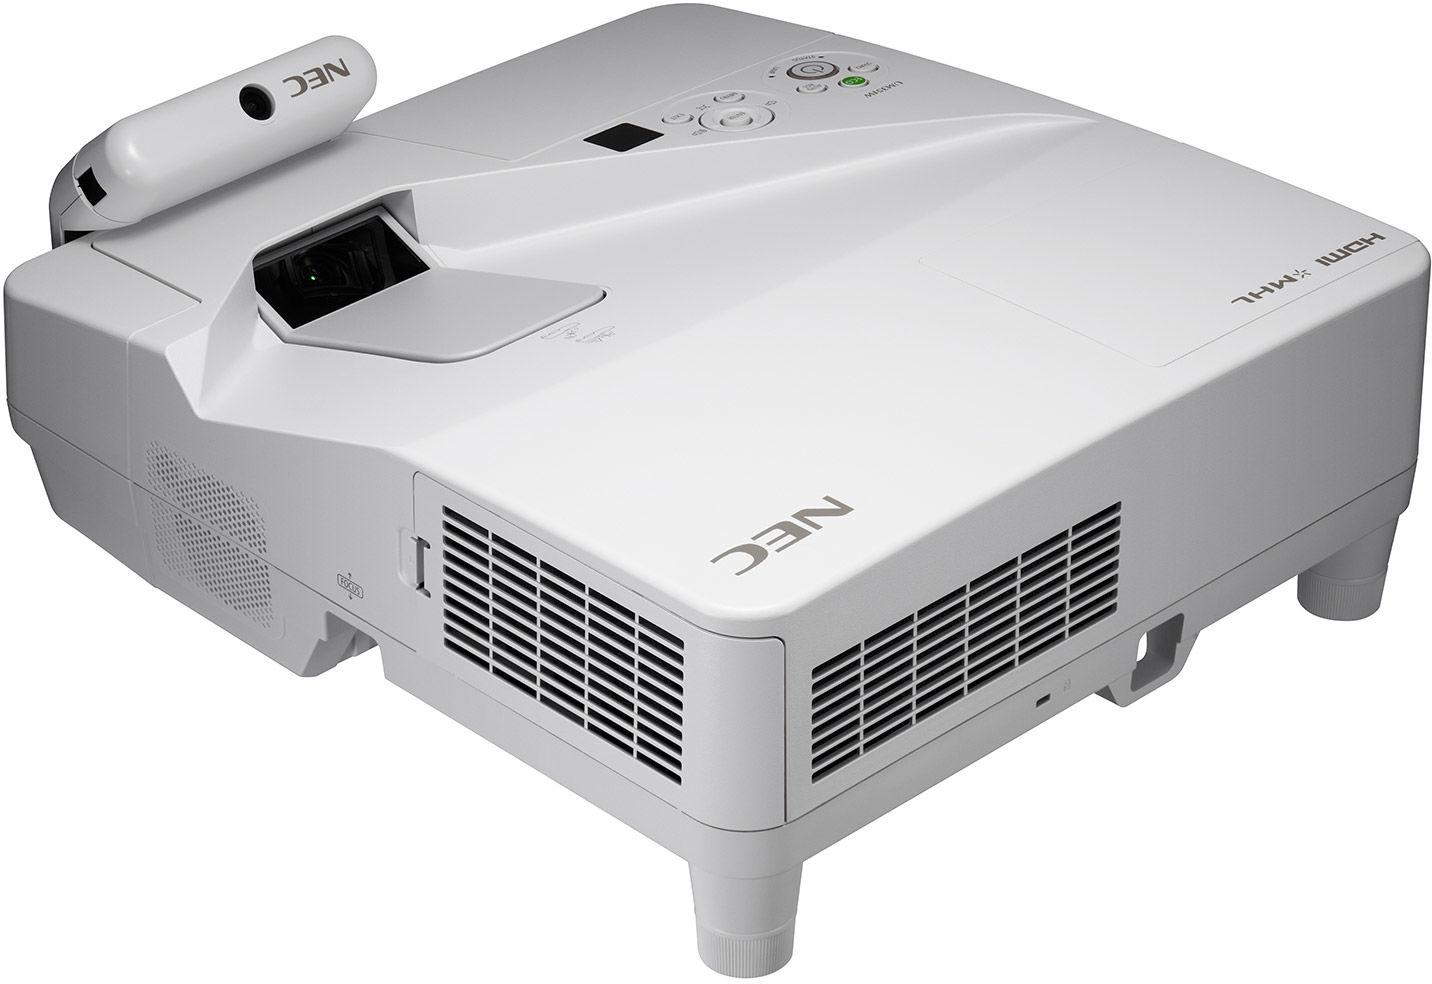 Projektor NEC UM351Wi (Multi-Touch) - DARMOWA DOSTWA PROJEKTORA! Projektory, ekrany, tablice interaktywne - Profesjonalne doradztwo - Kontakt: 71 784 97 60